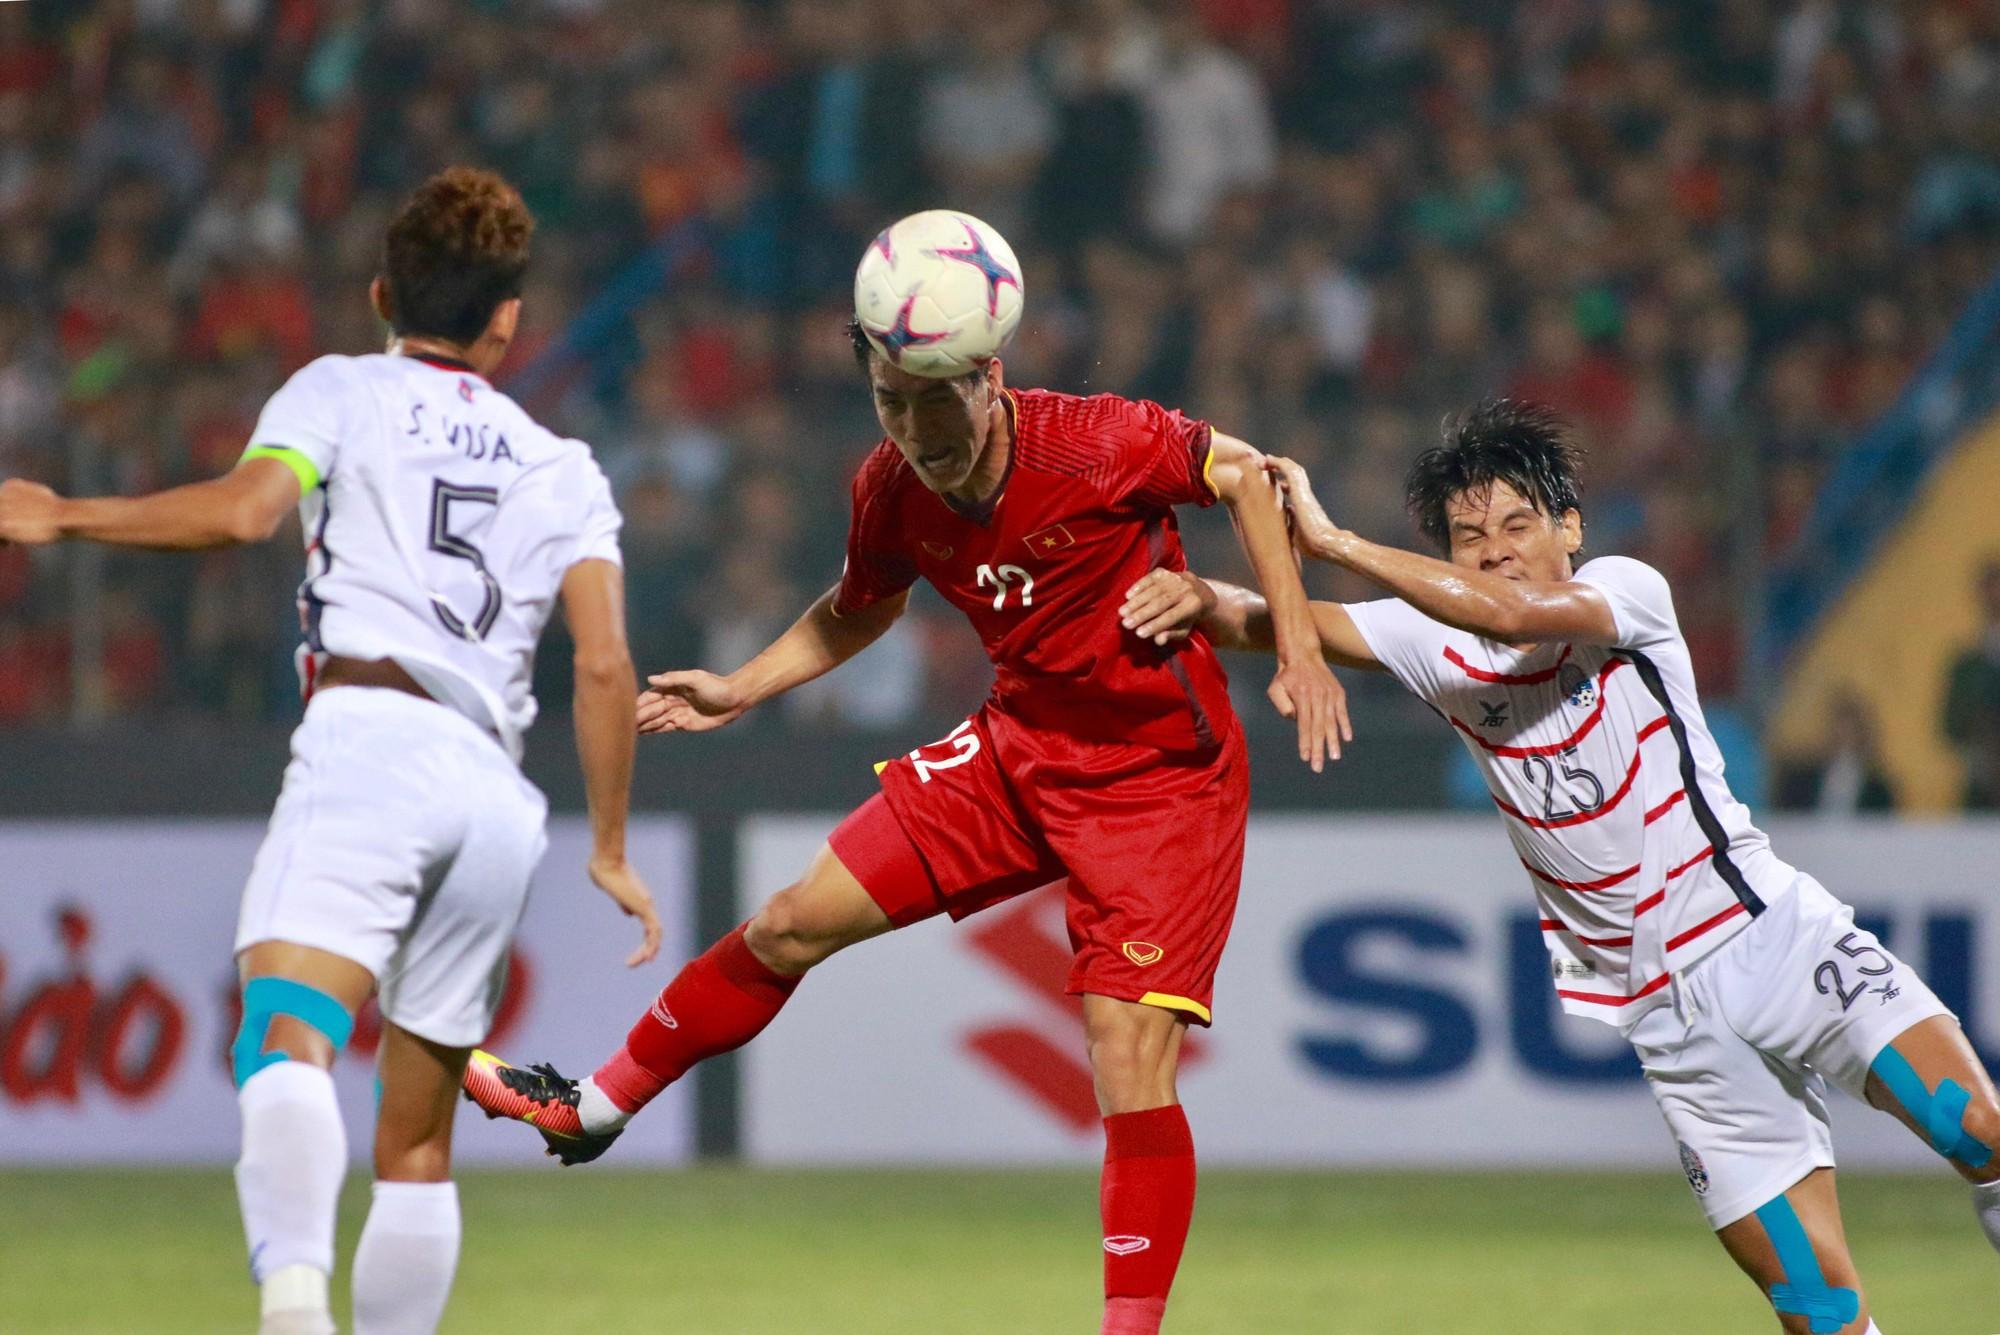 HLV Park Hang Seo tiết lộ gặp chấn thương khiến Văn Toàn suy sụp trước trận gặp Campuchia - Ảnh 4.